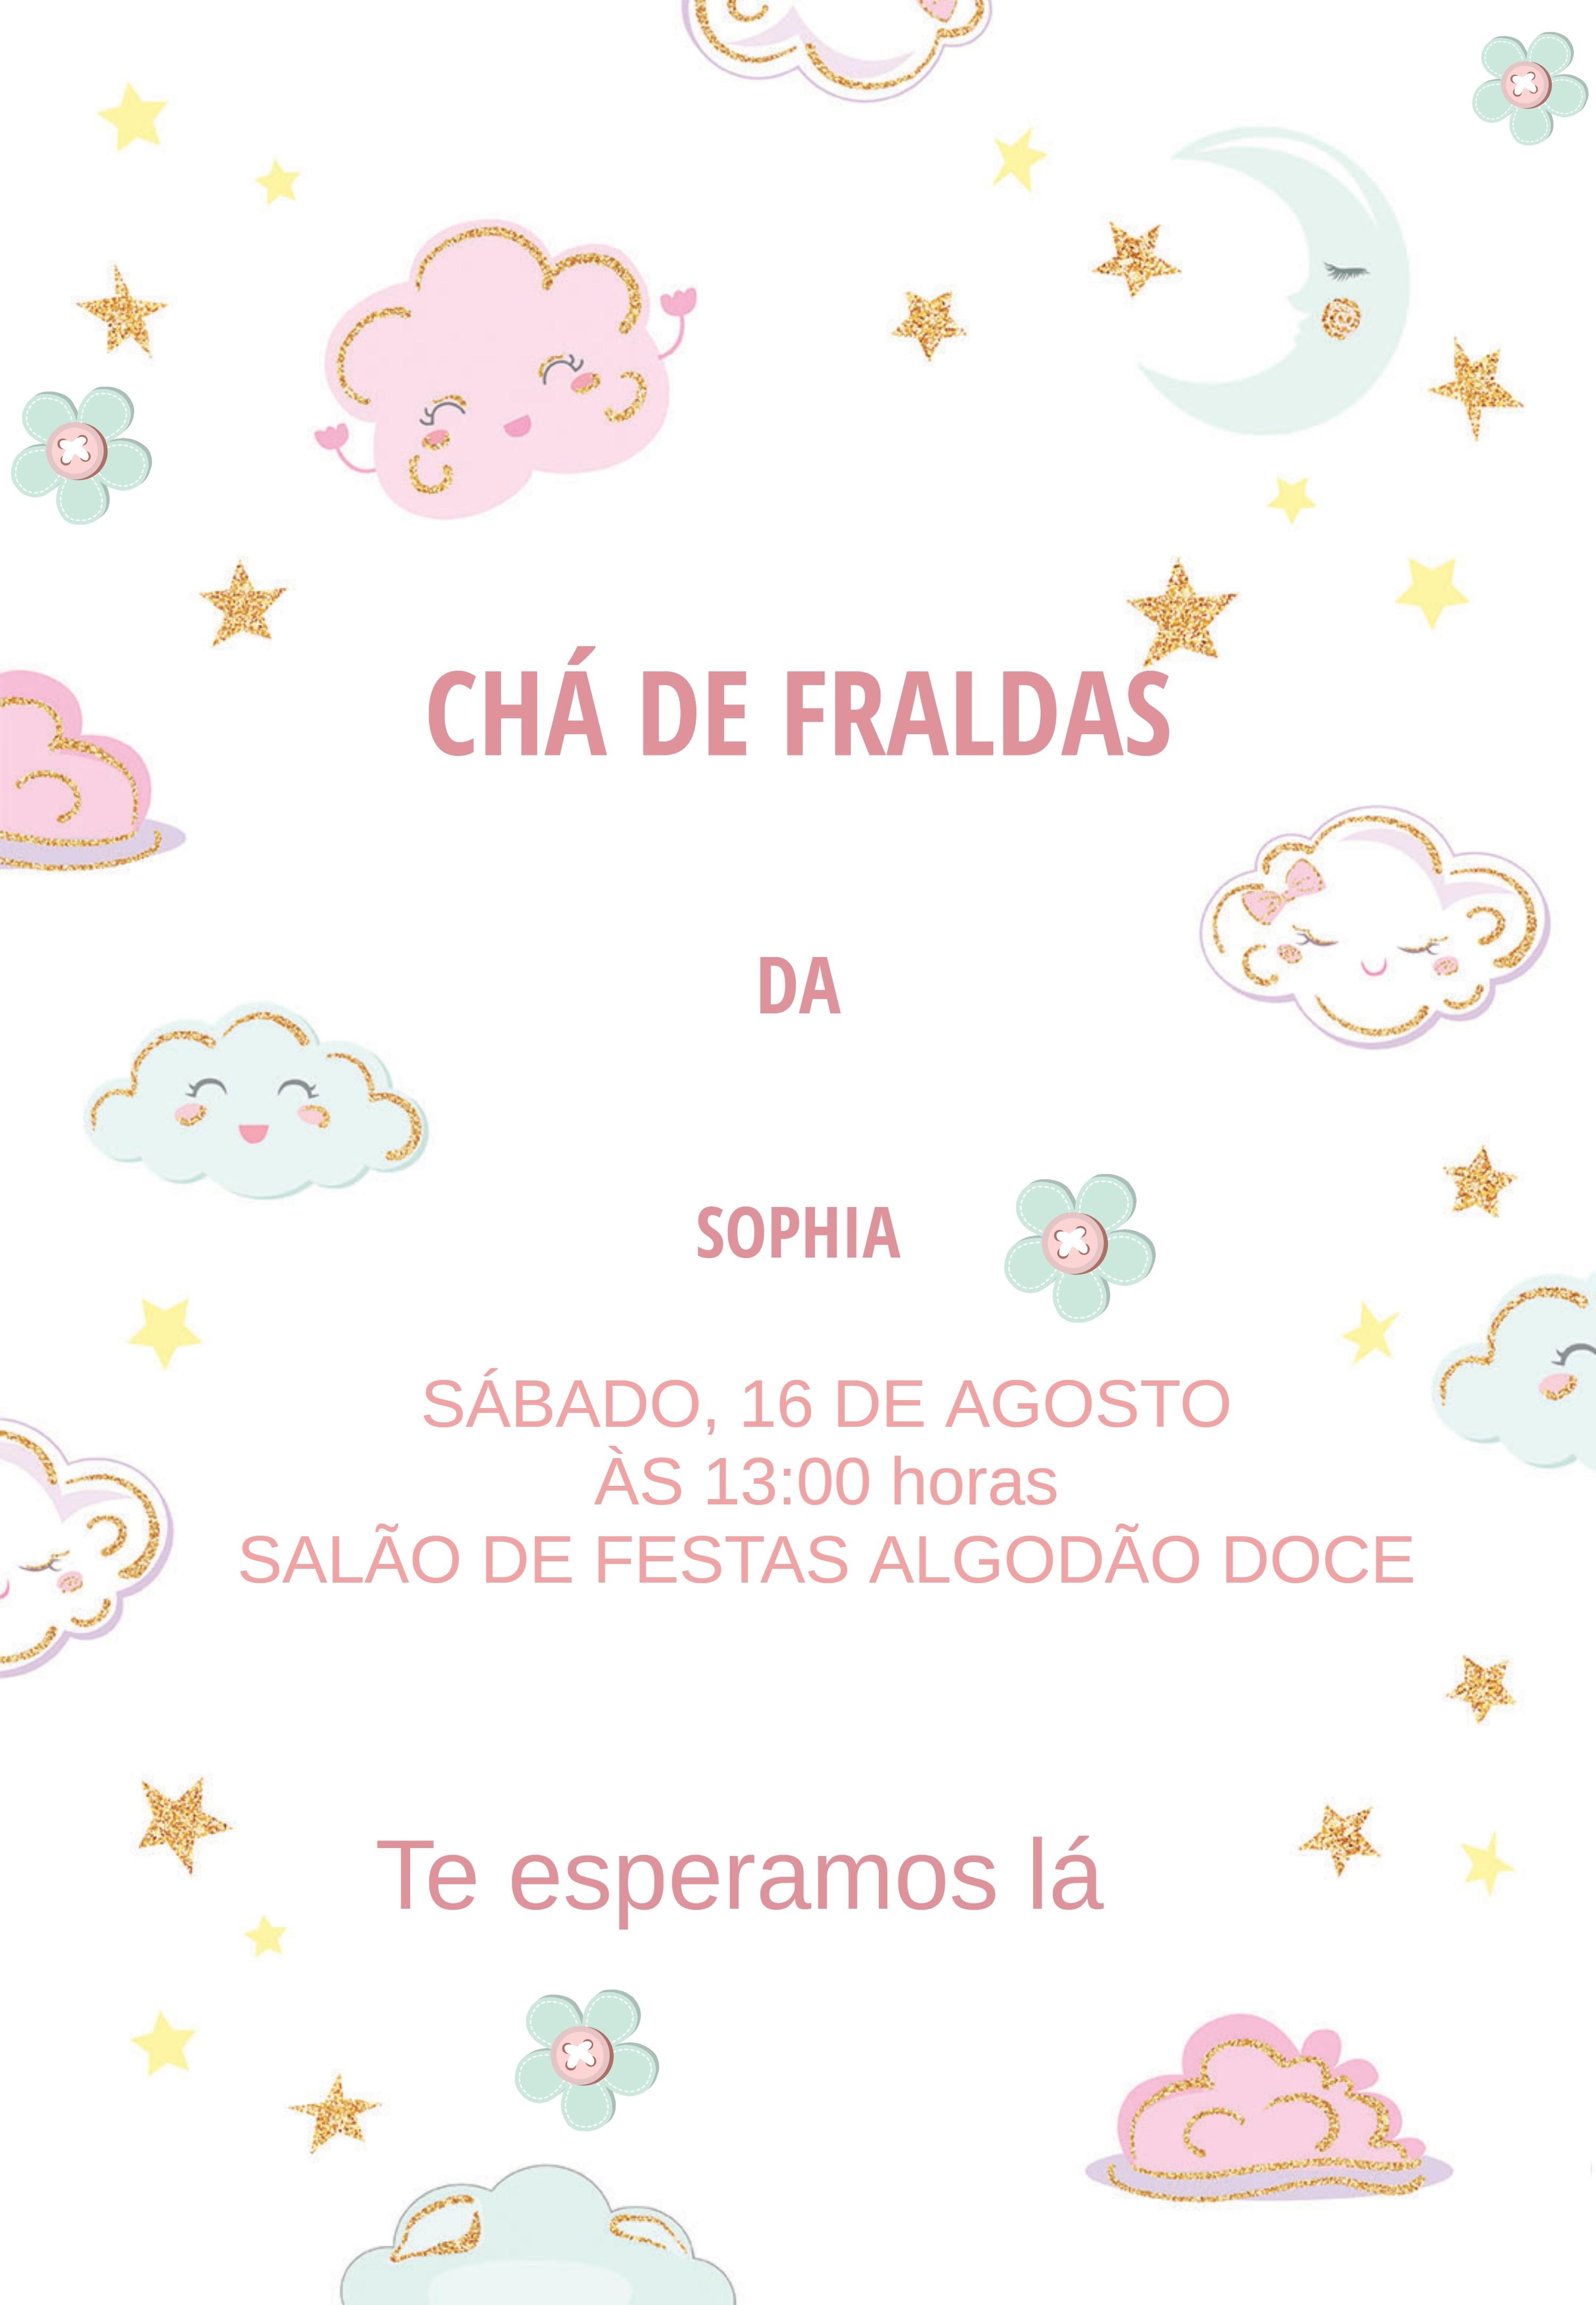 Convite Cha De Fraldas Digital Nuvem Do Amor So Imprimir No